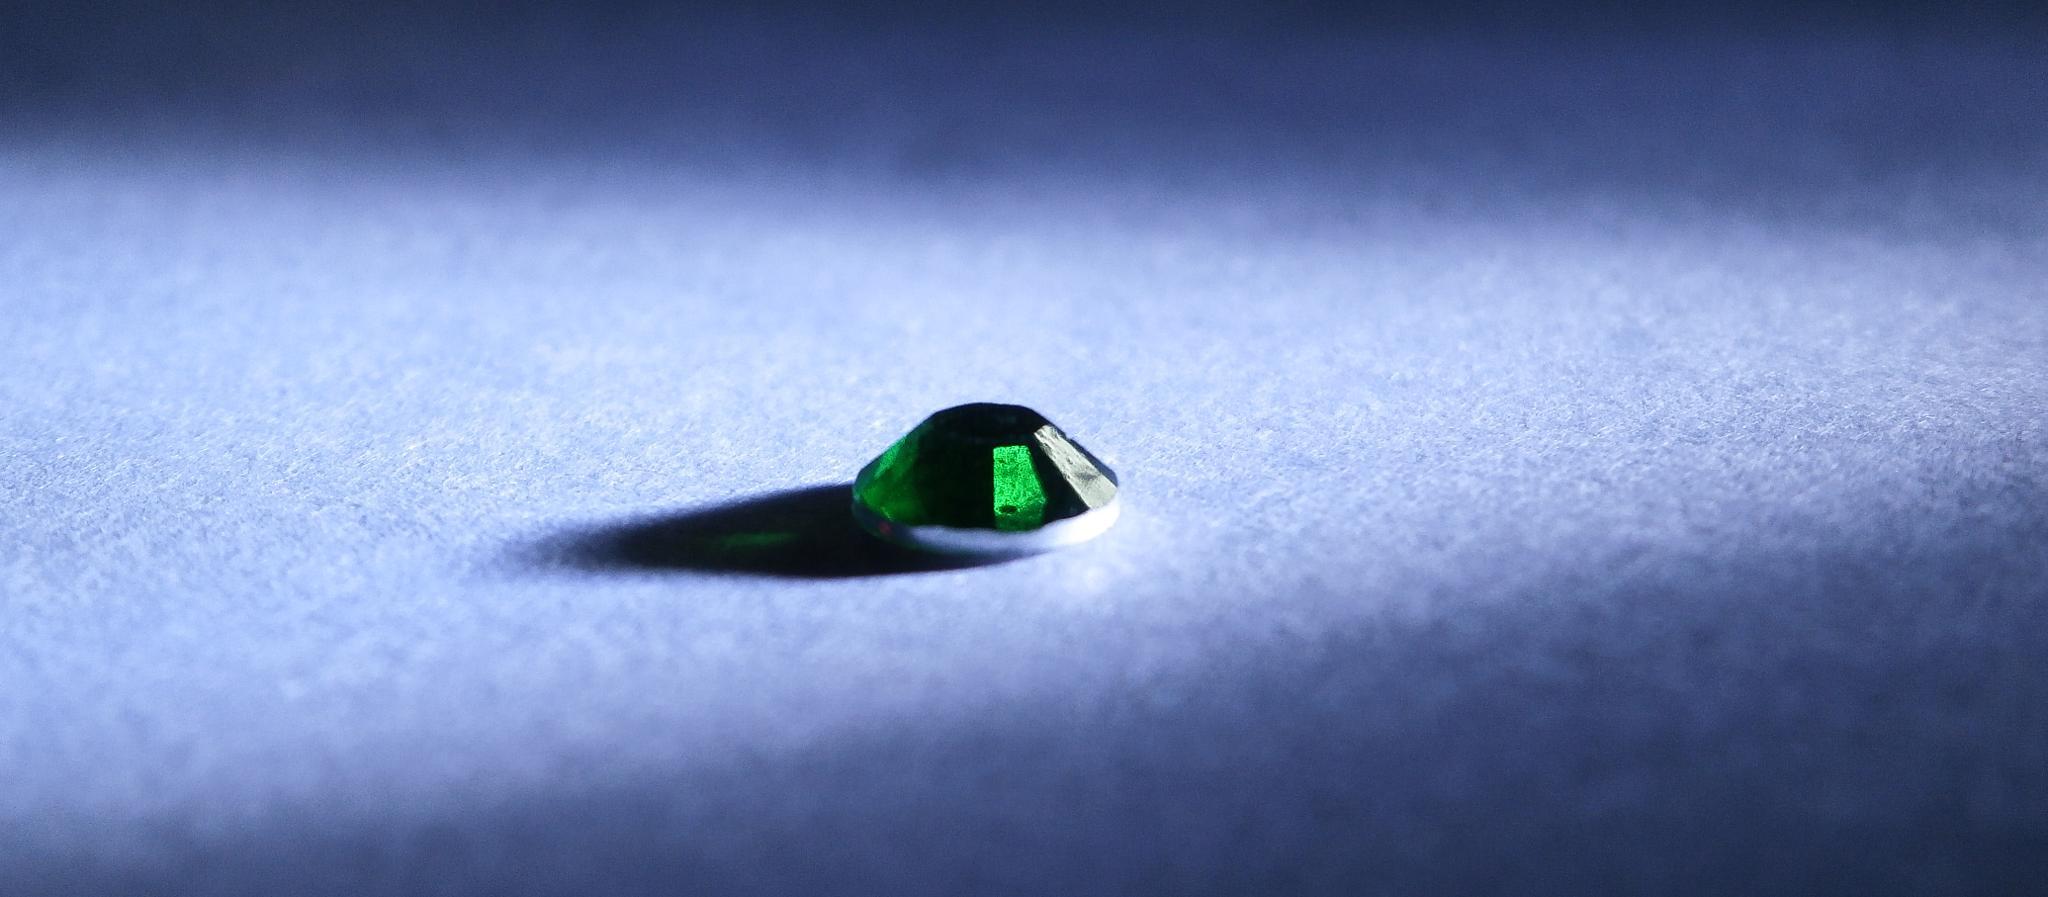 Precious Diamond by Reuben Kinny